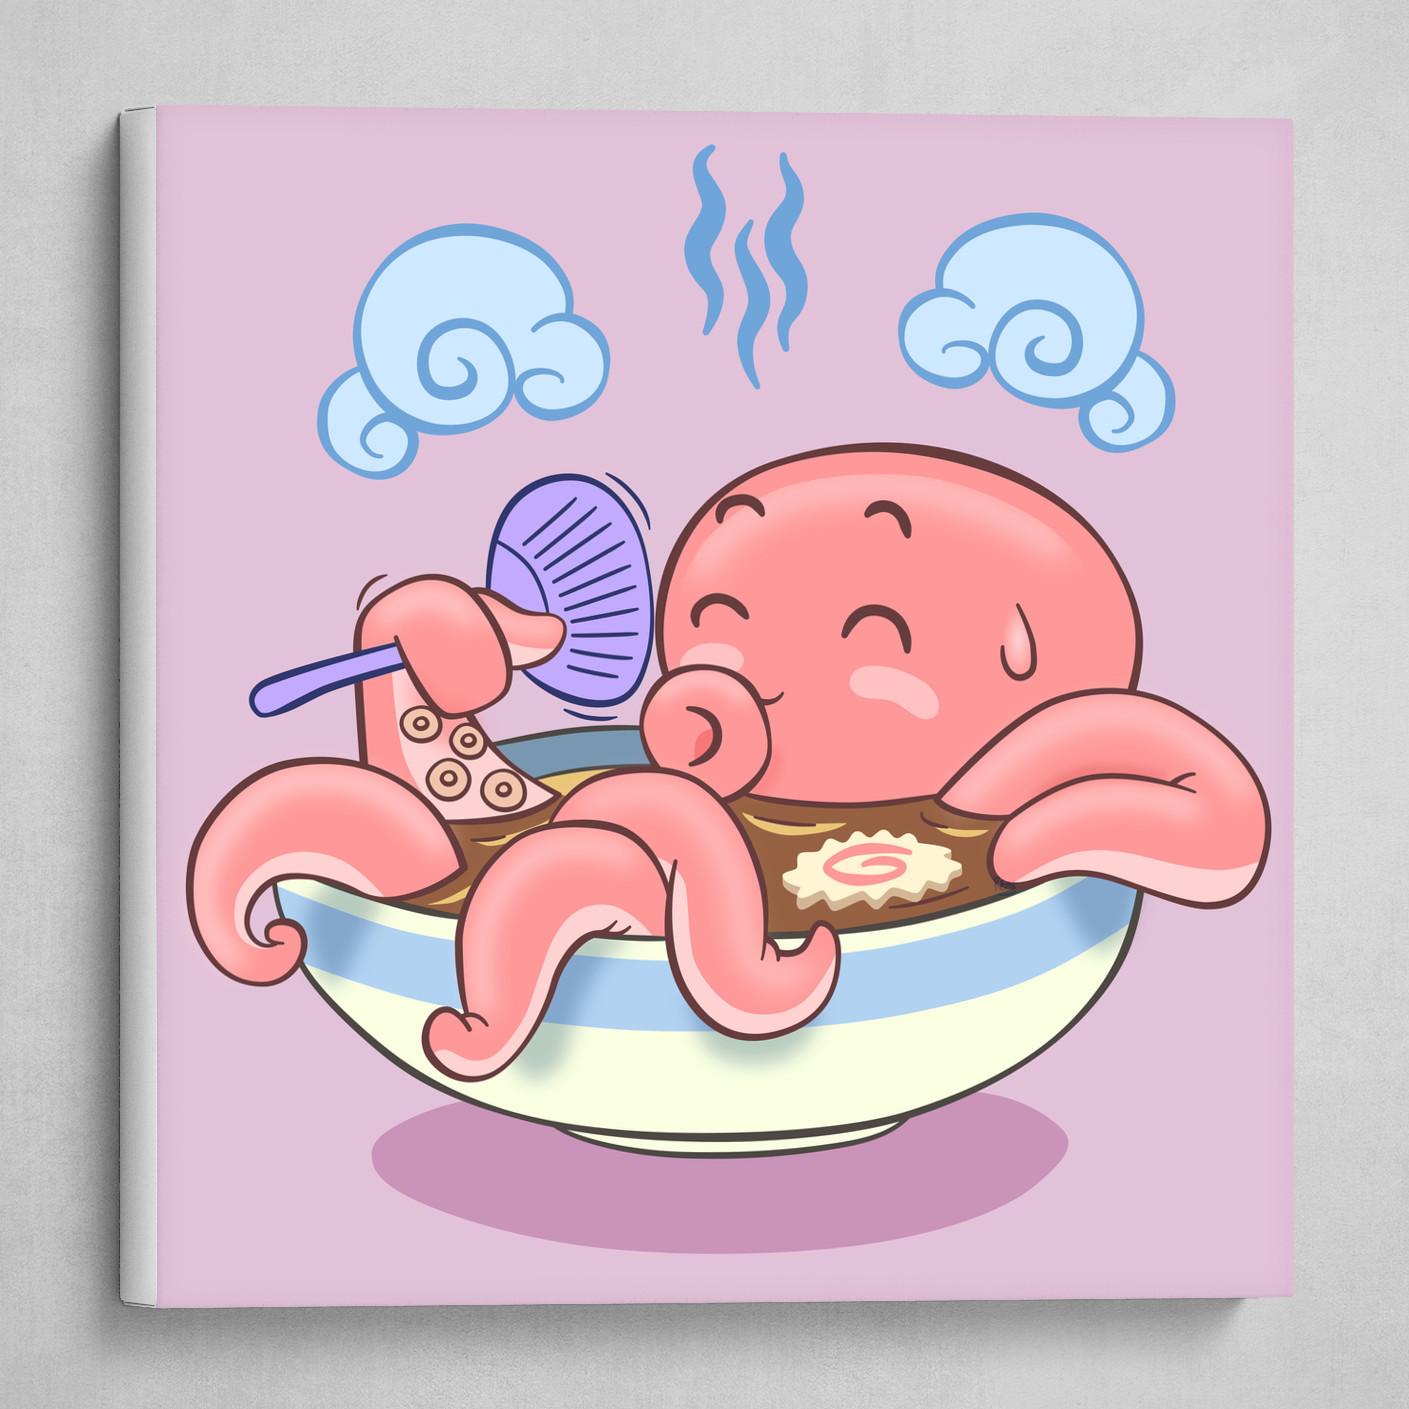 Octopus soaks in Miso soup